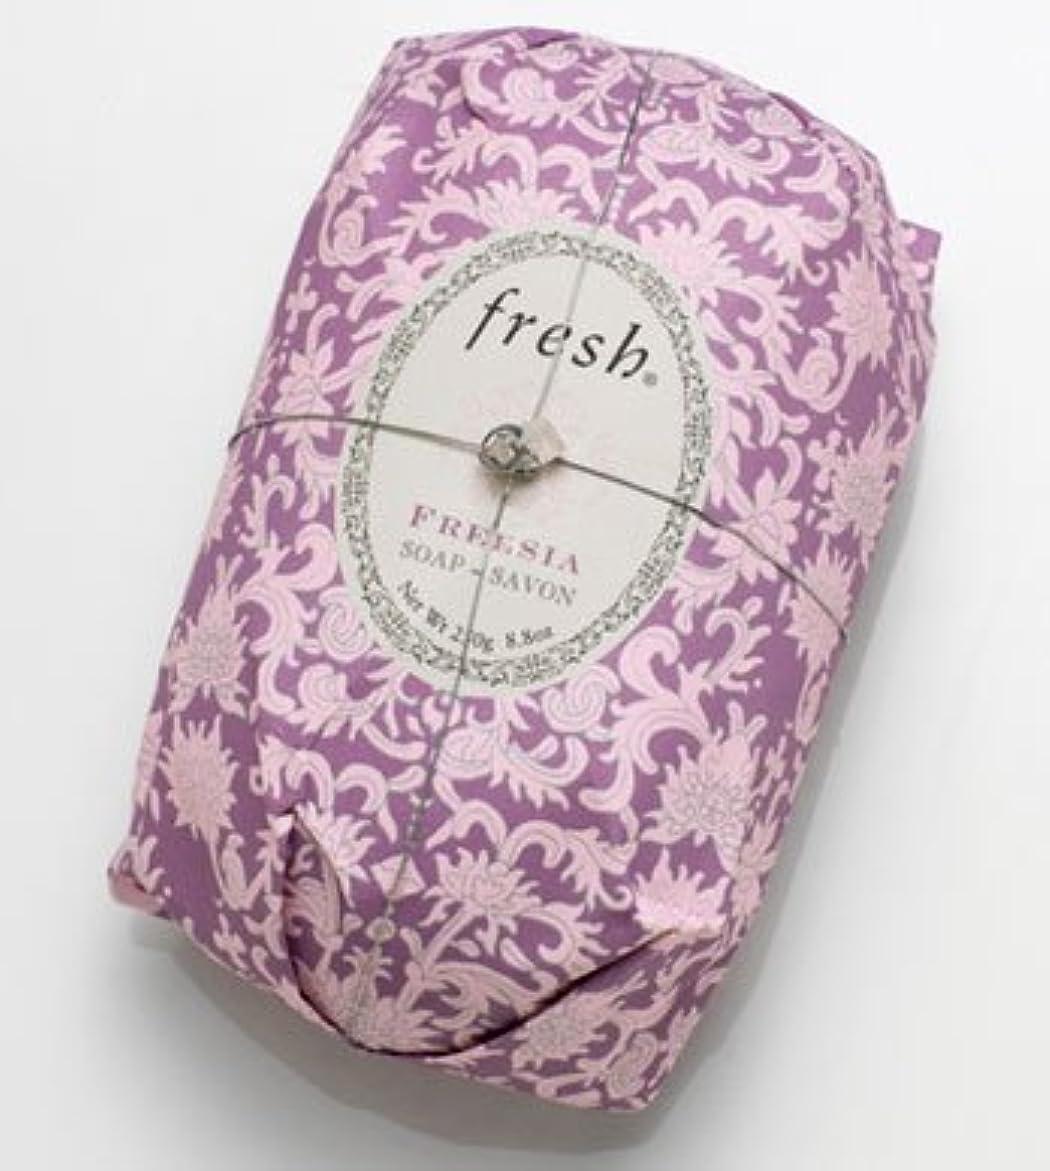 結果優しさ野心Fresh FREESIA  SOAP (フレッシュ フリージア ソープ) 8.8 oz (250g) Soap (石鹸) by Fresh